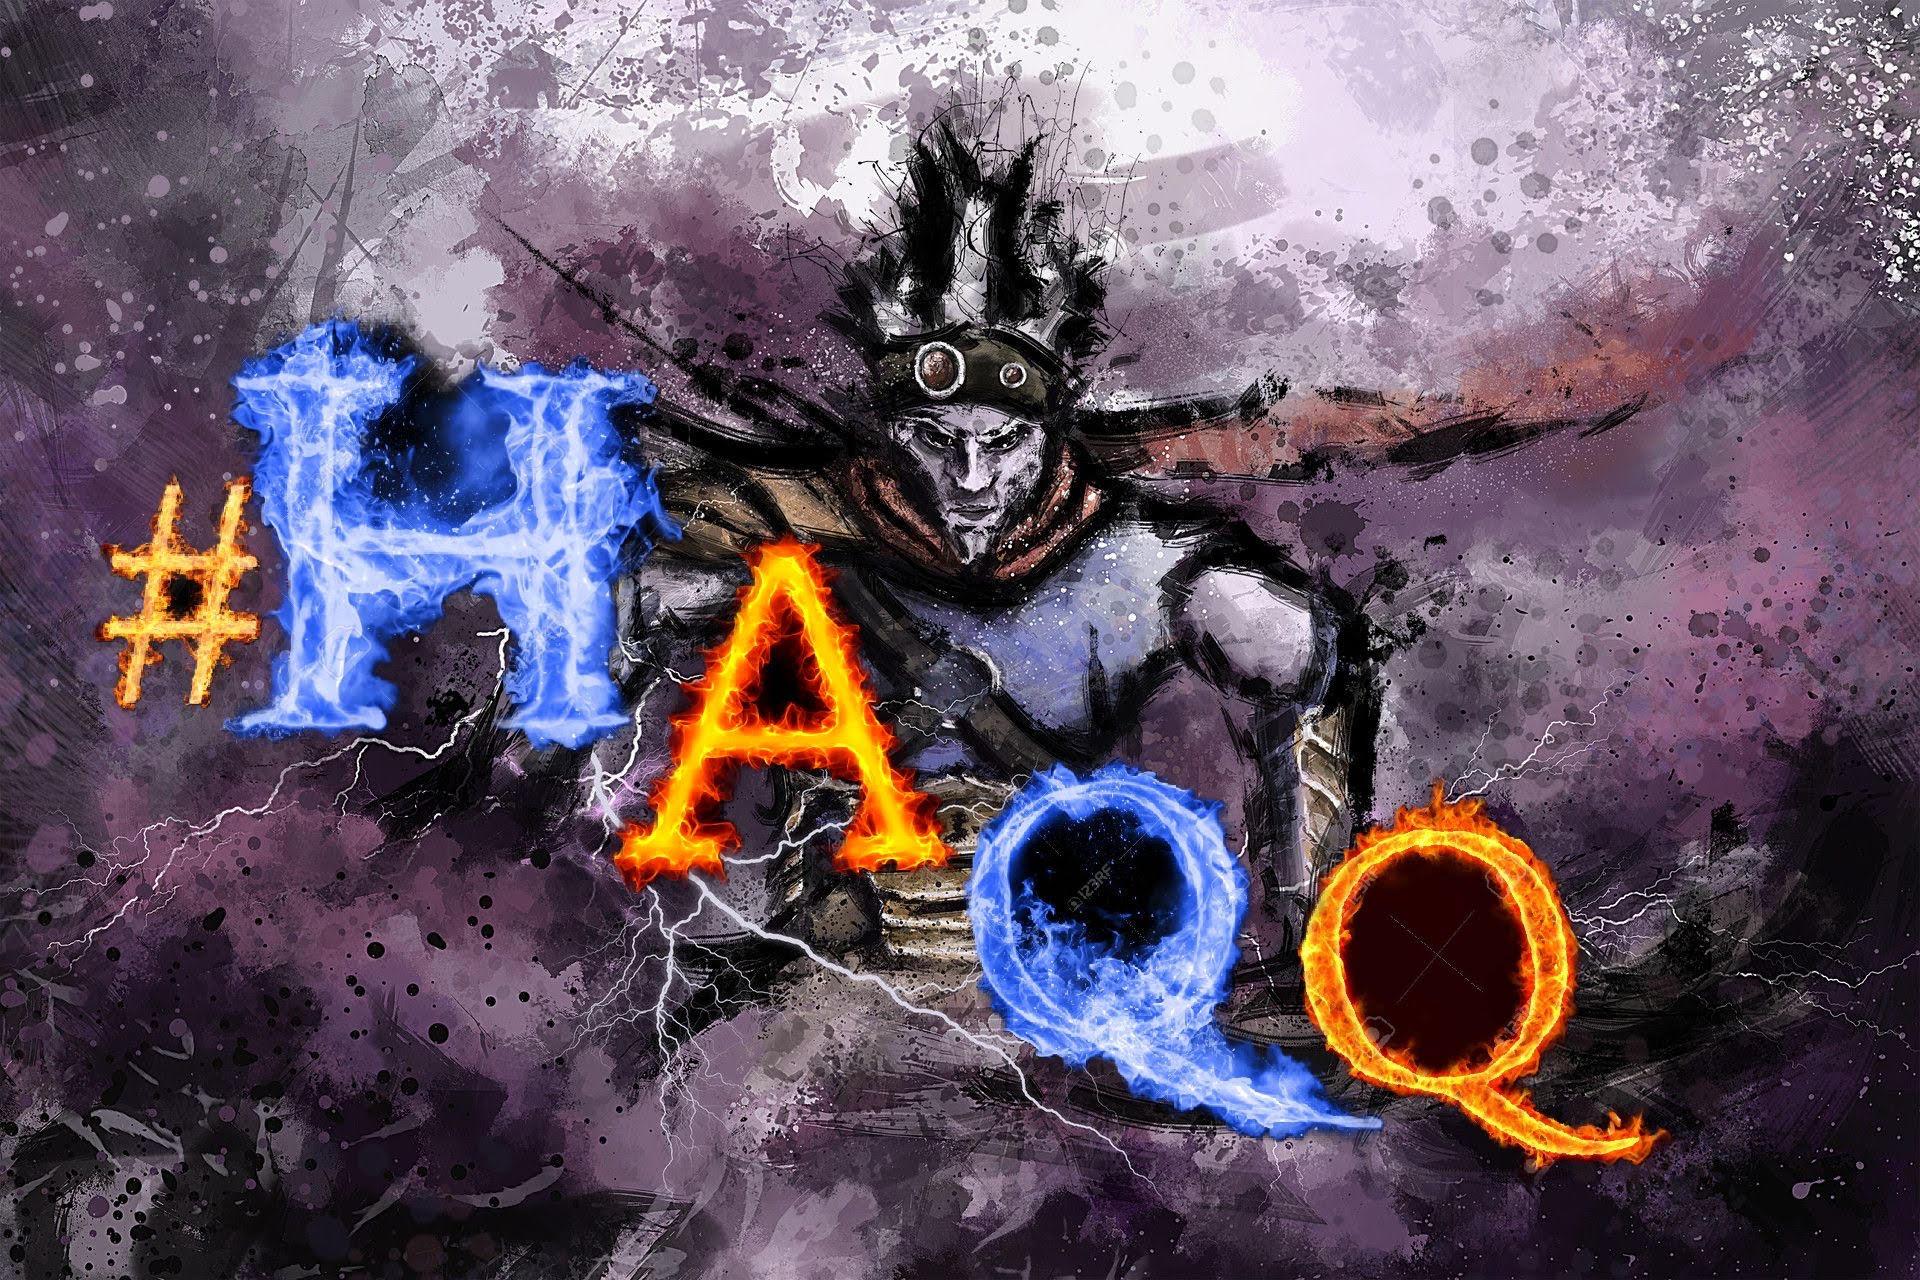 #HAQQ COVER ART